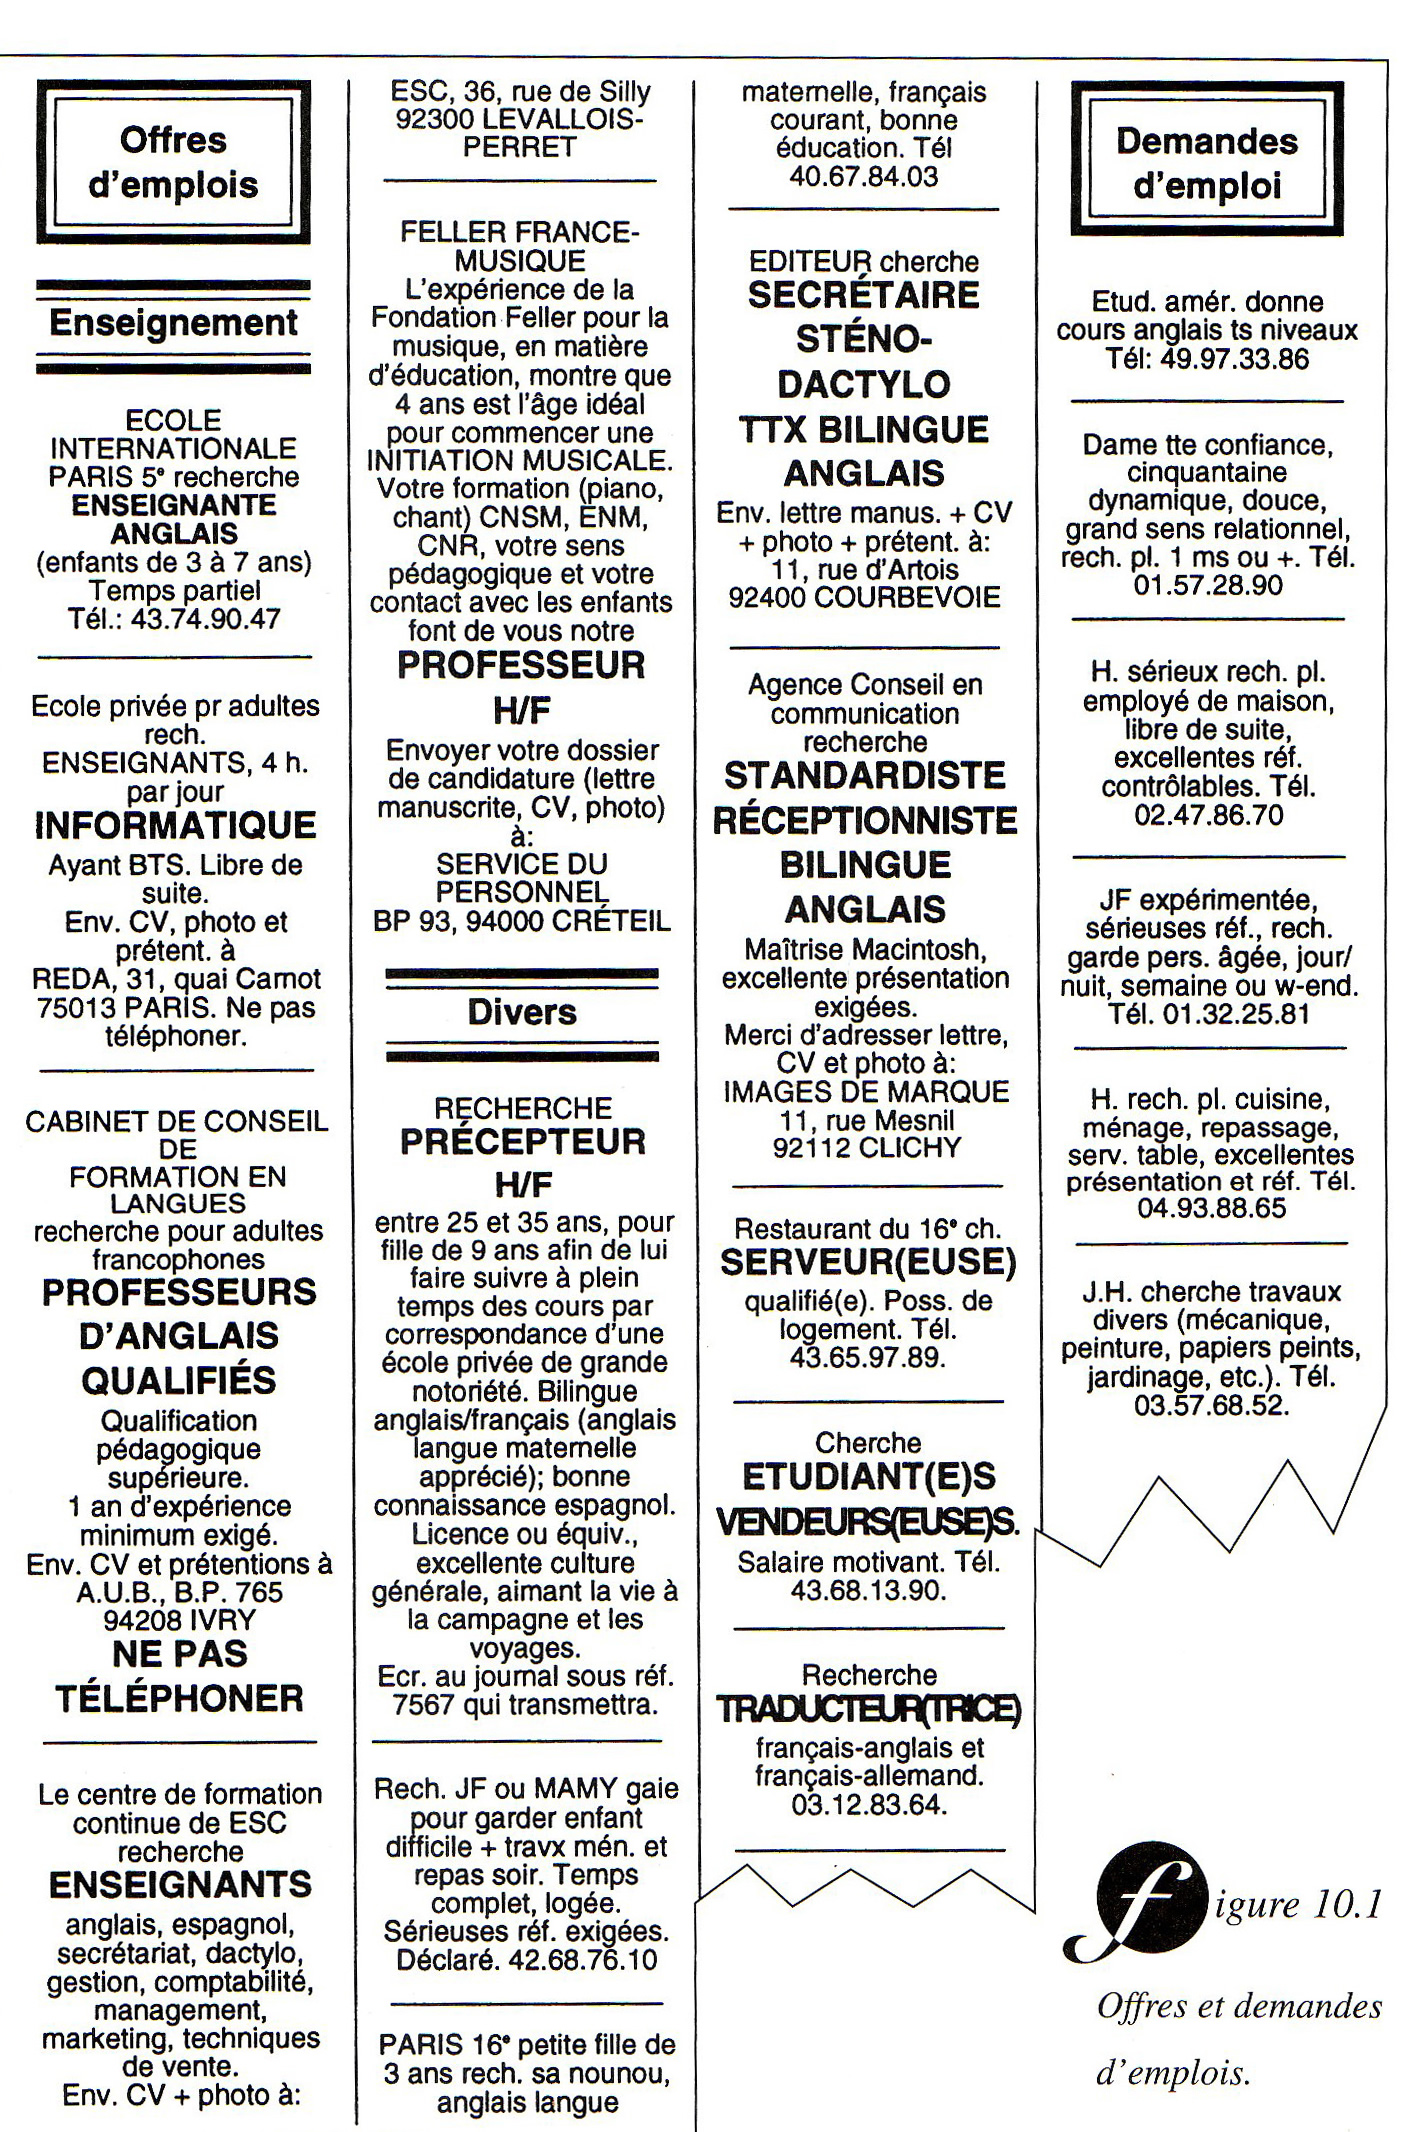 04-Alpes-de-Hautes-Provence Femme Mature Pour Aventure Sexe Manosque